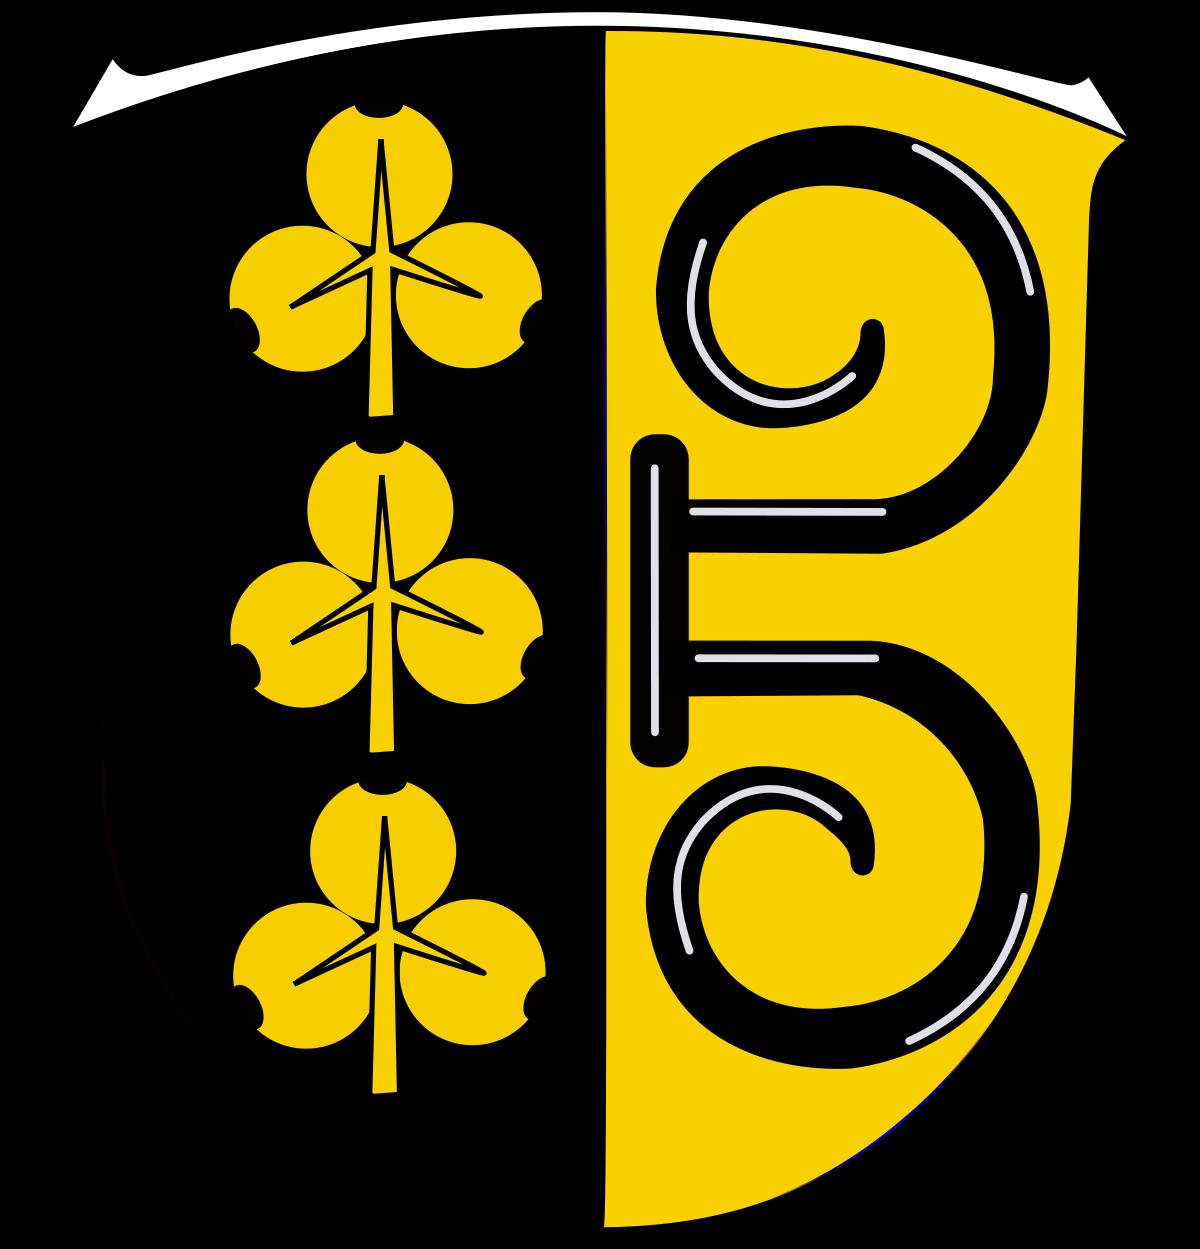 Breidenstein.